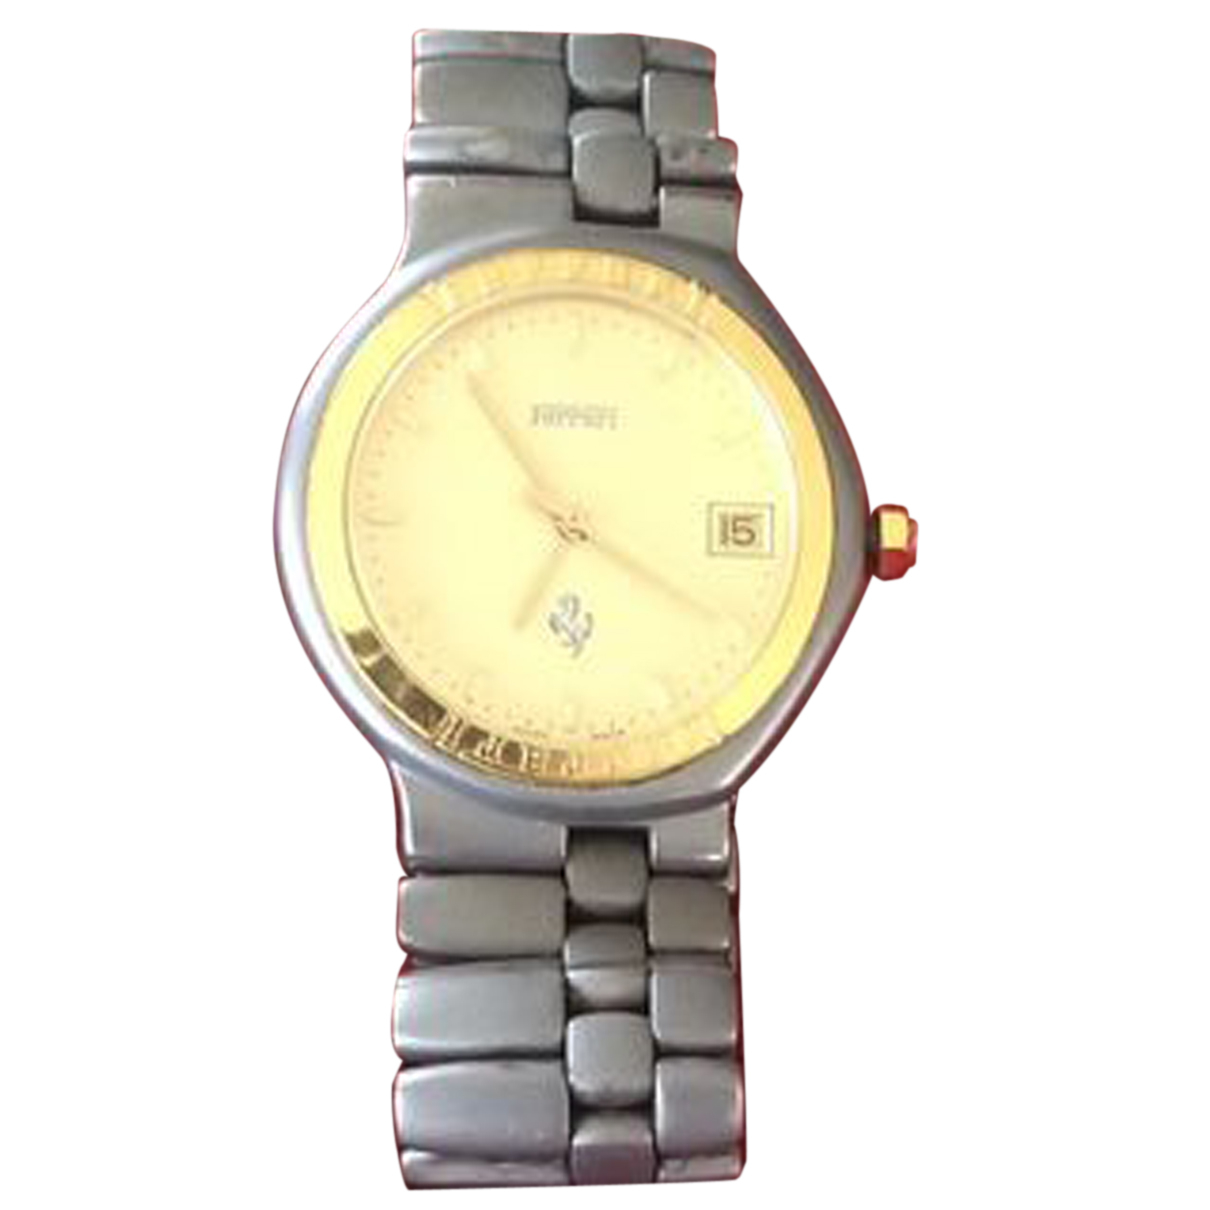 Relojes Ferrari By Cartier